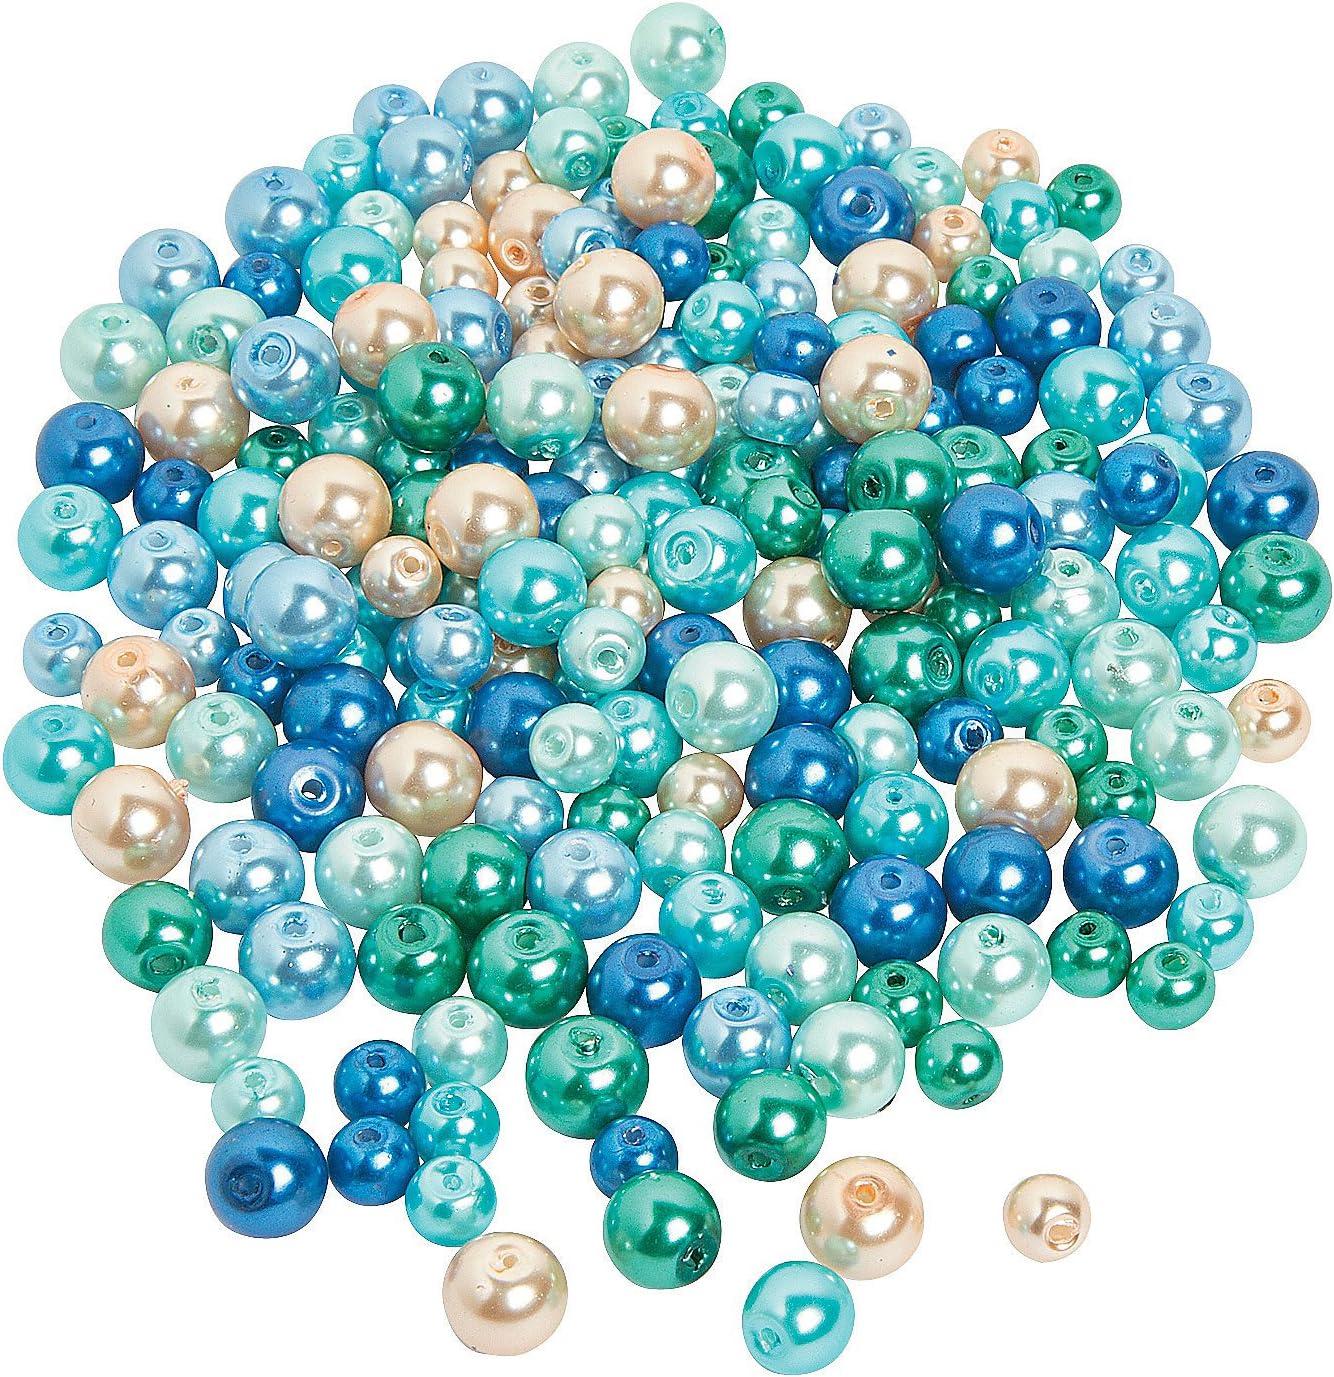 rubyca Mix perlas de imitaci/ón cuentas de cristal Murano pulsera Europea espaciador DIY de Color plata